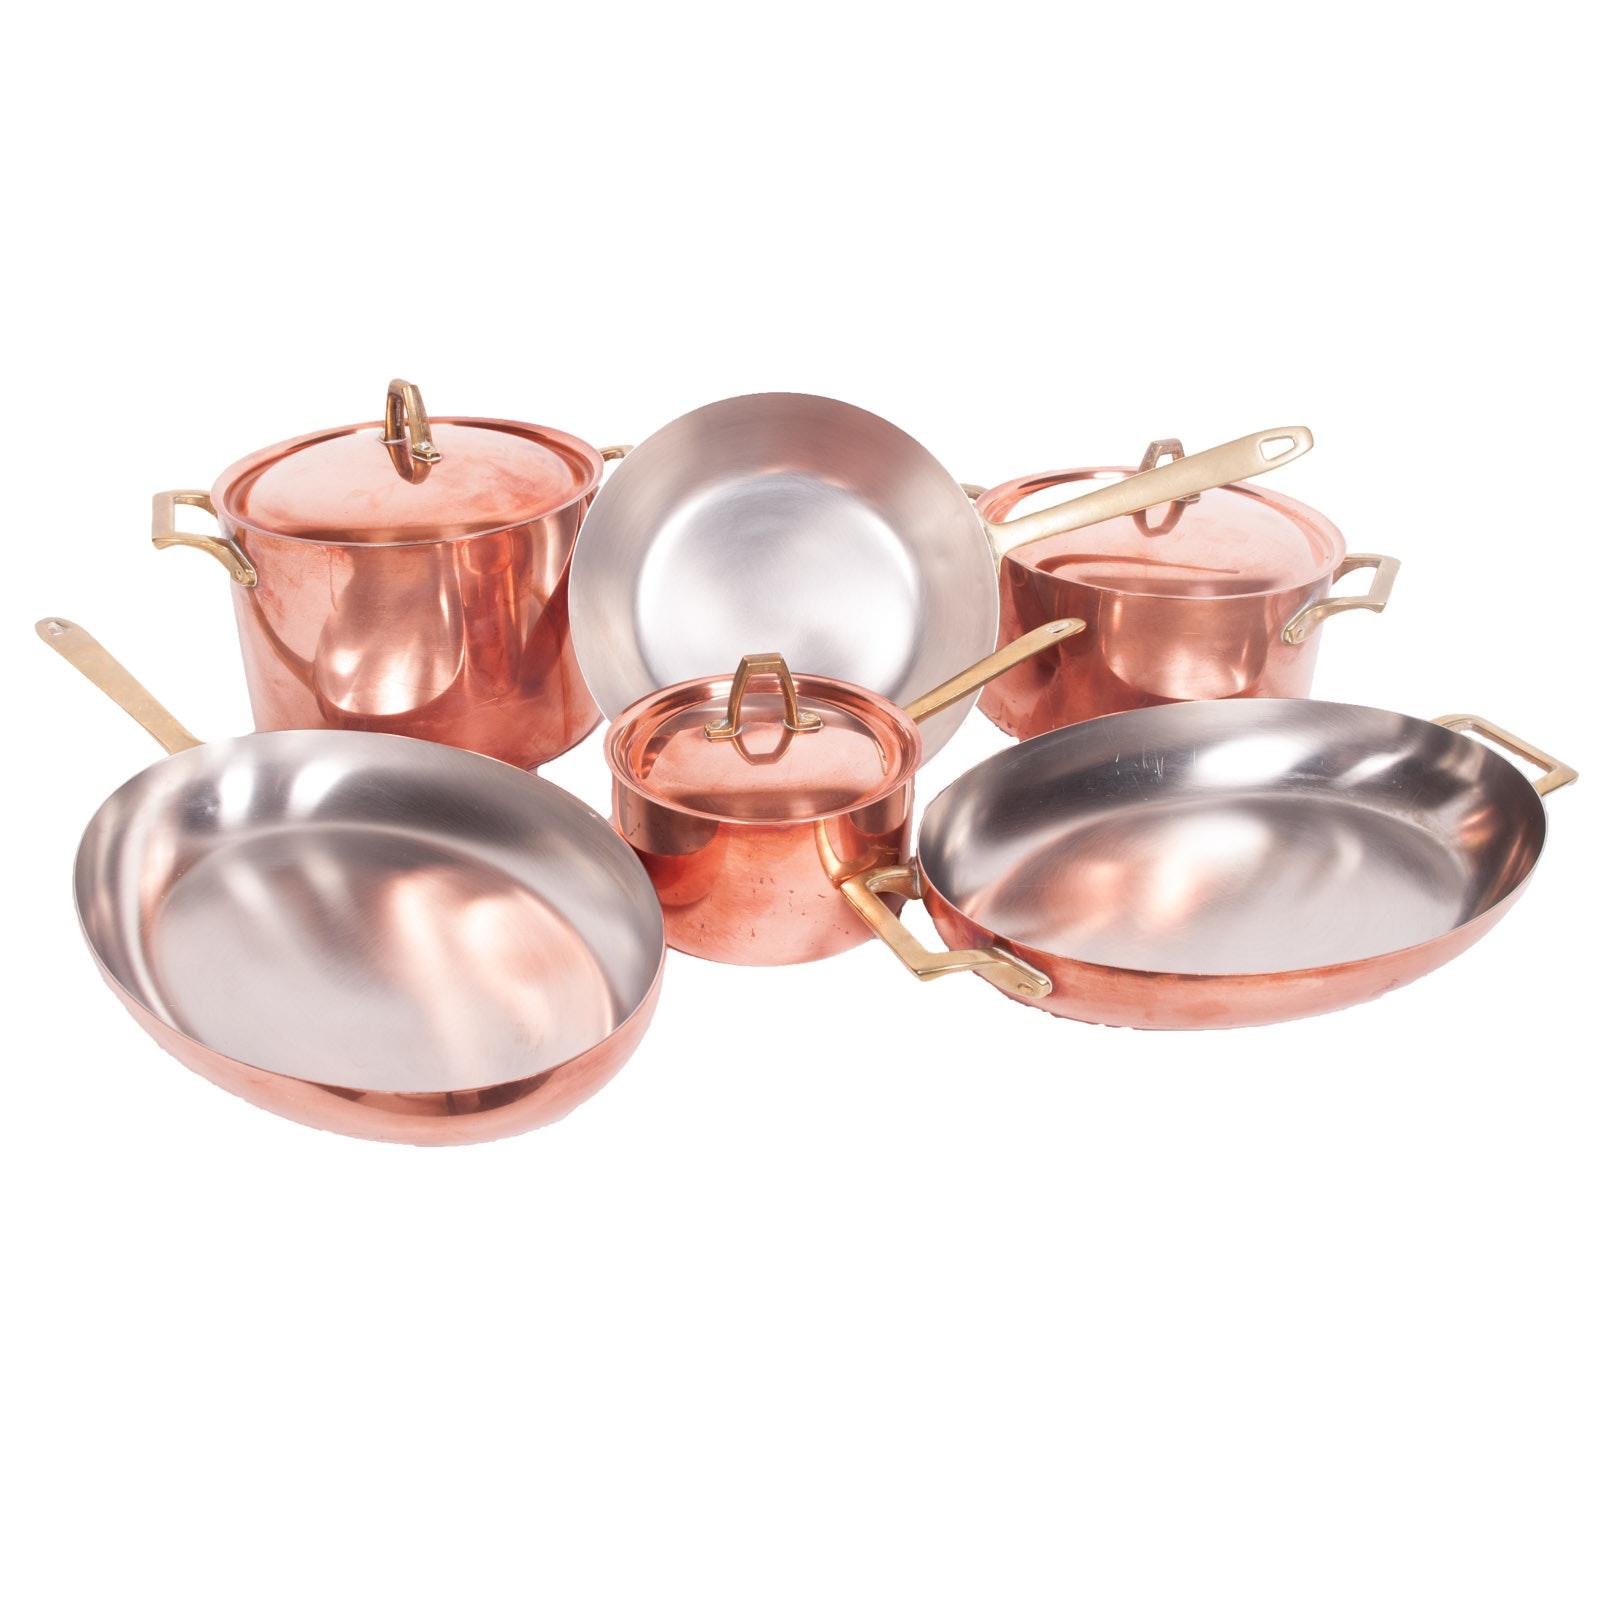 Paul Revere Copper Clad Signature Cookware